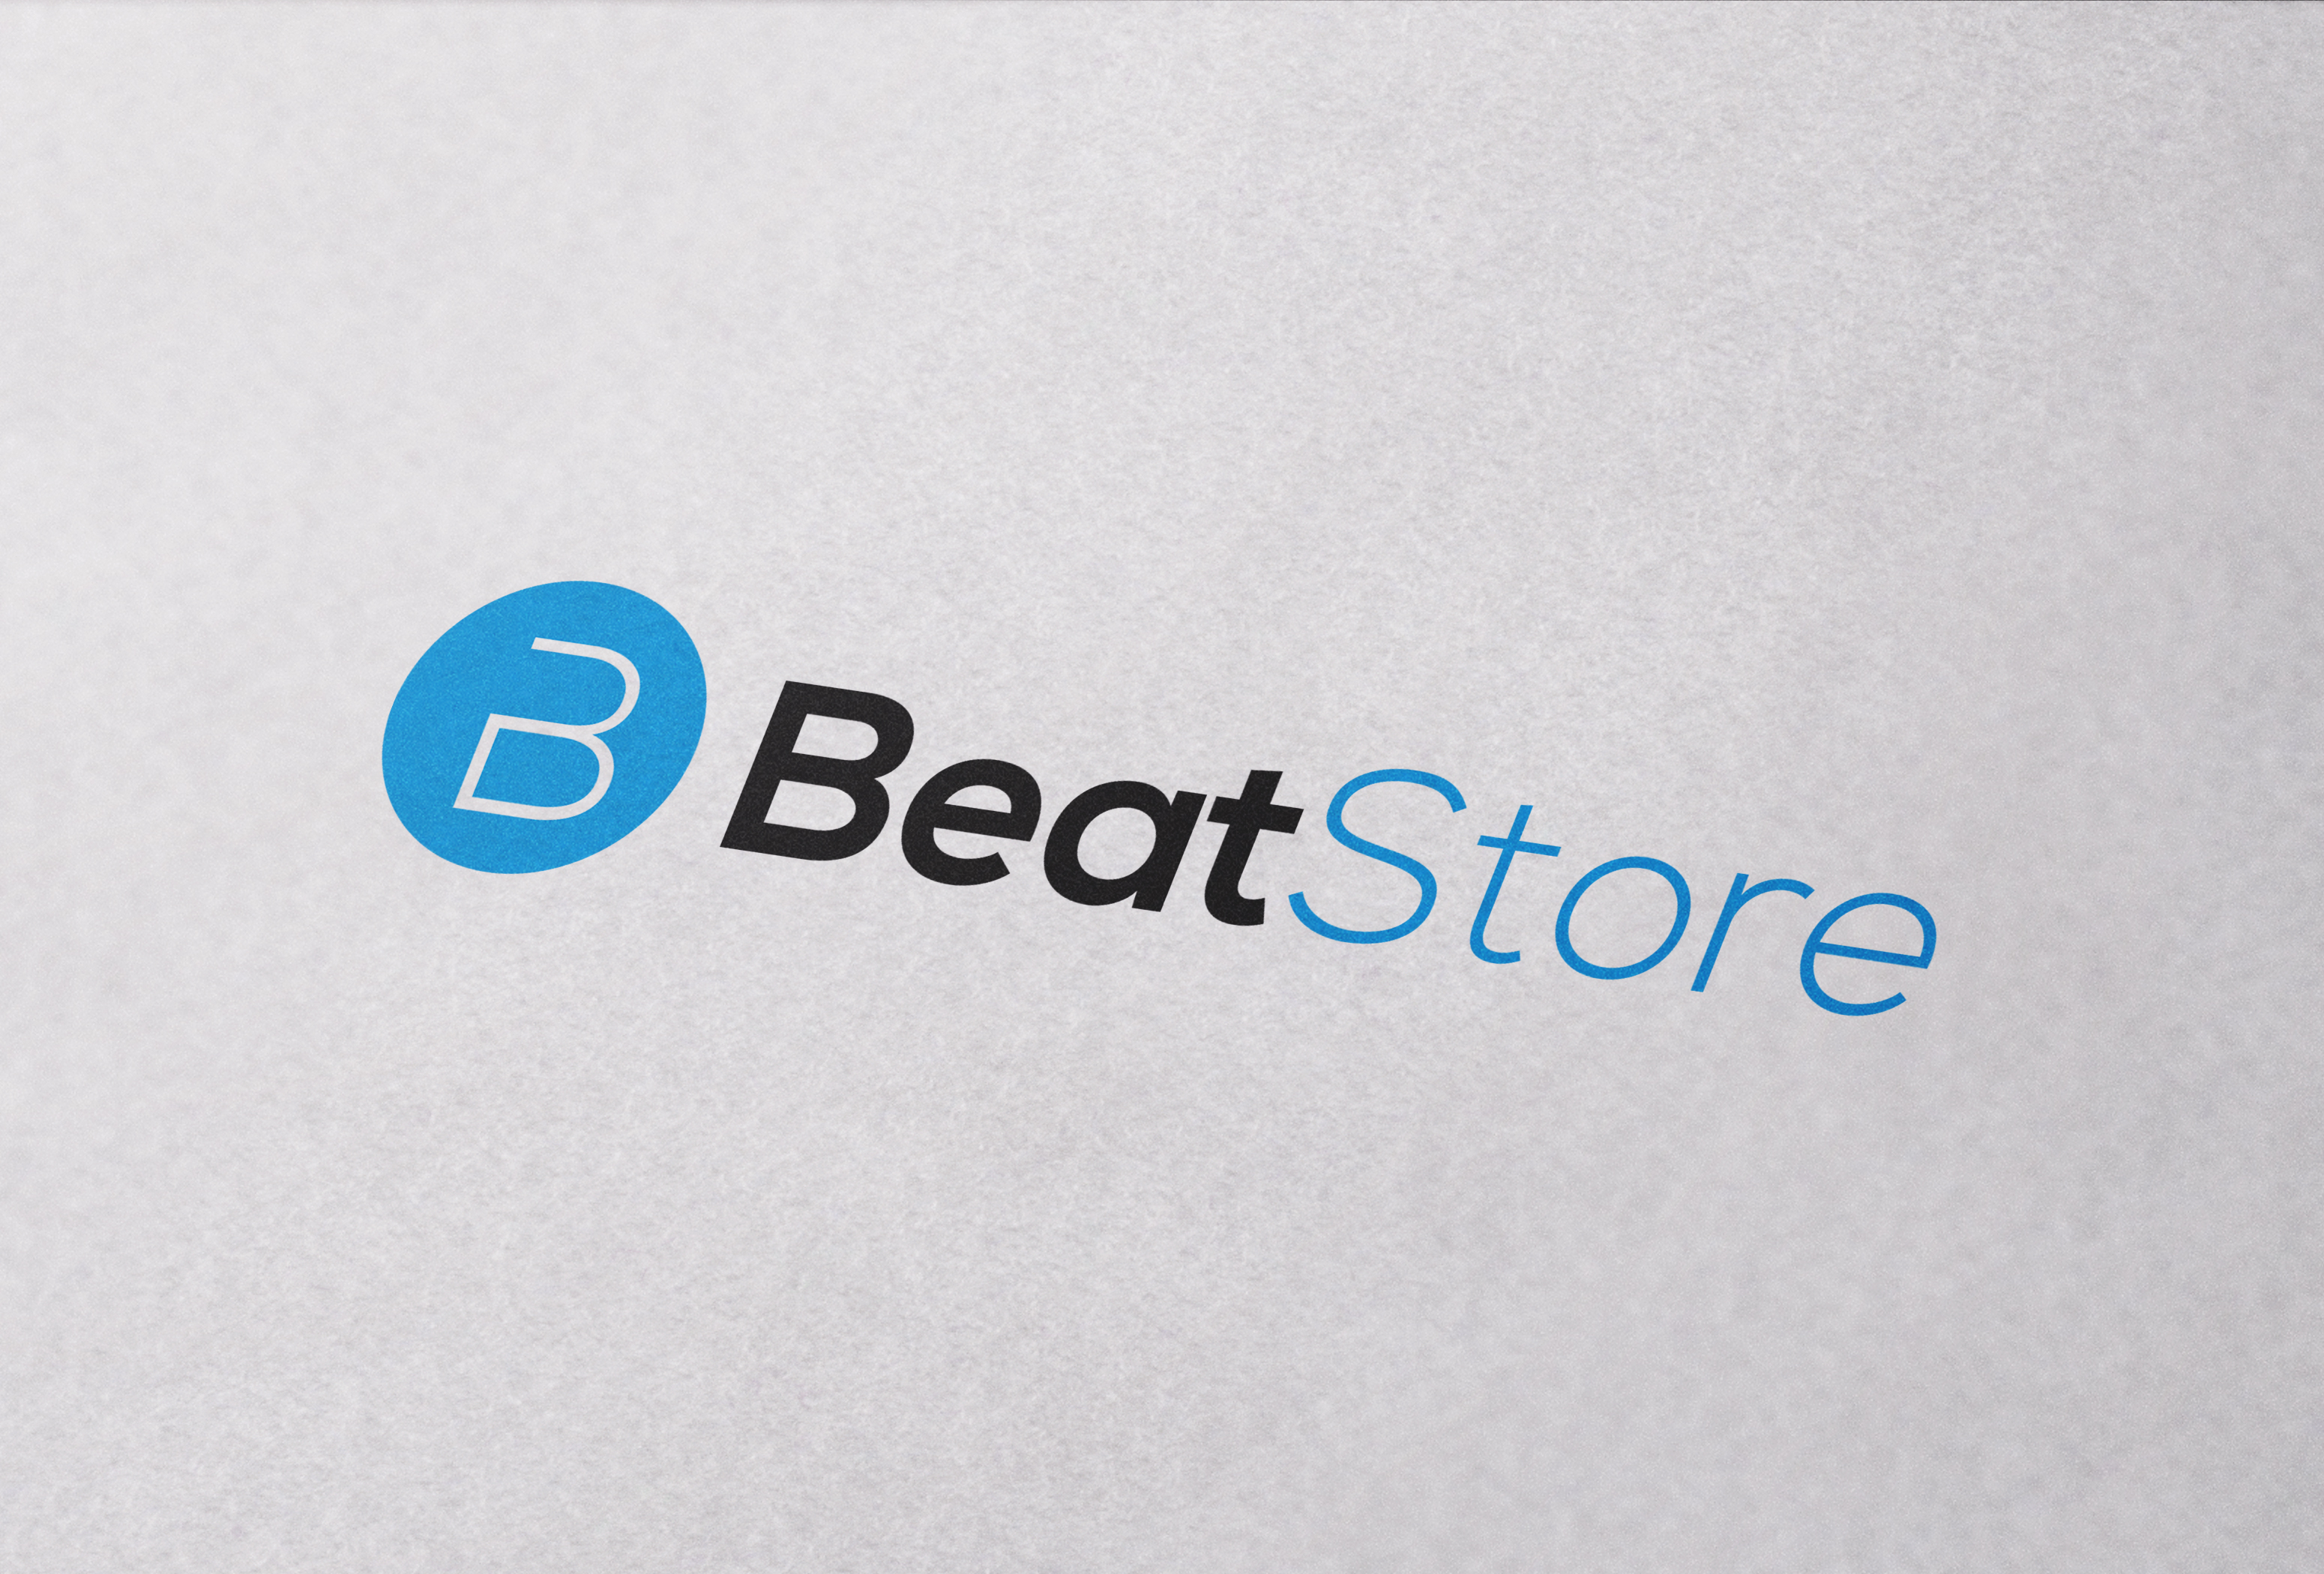 beatstore master